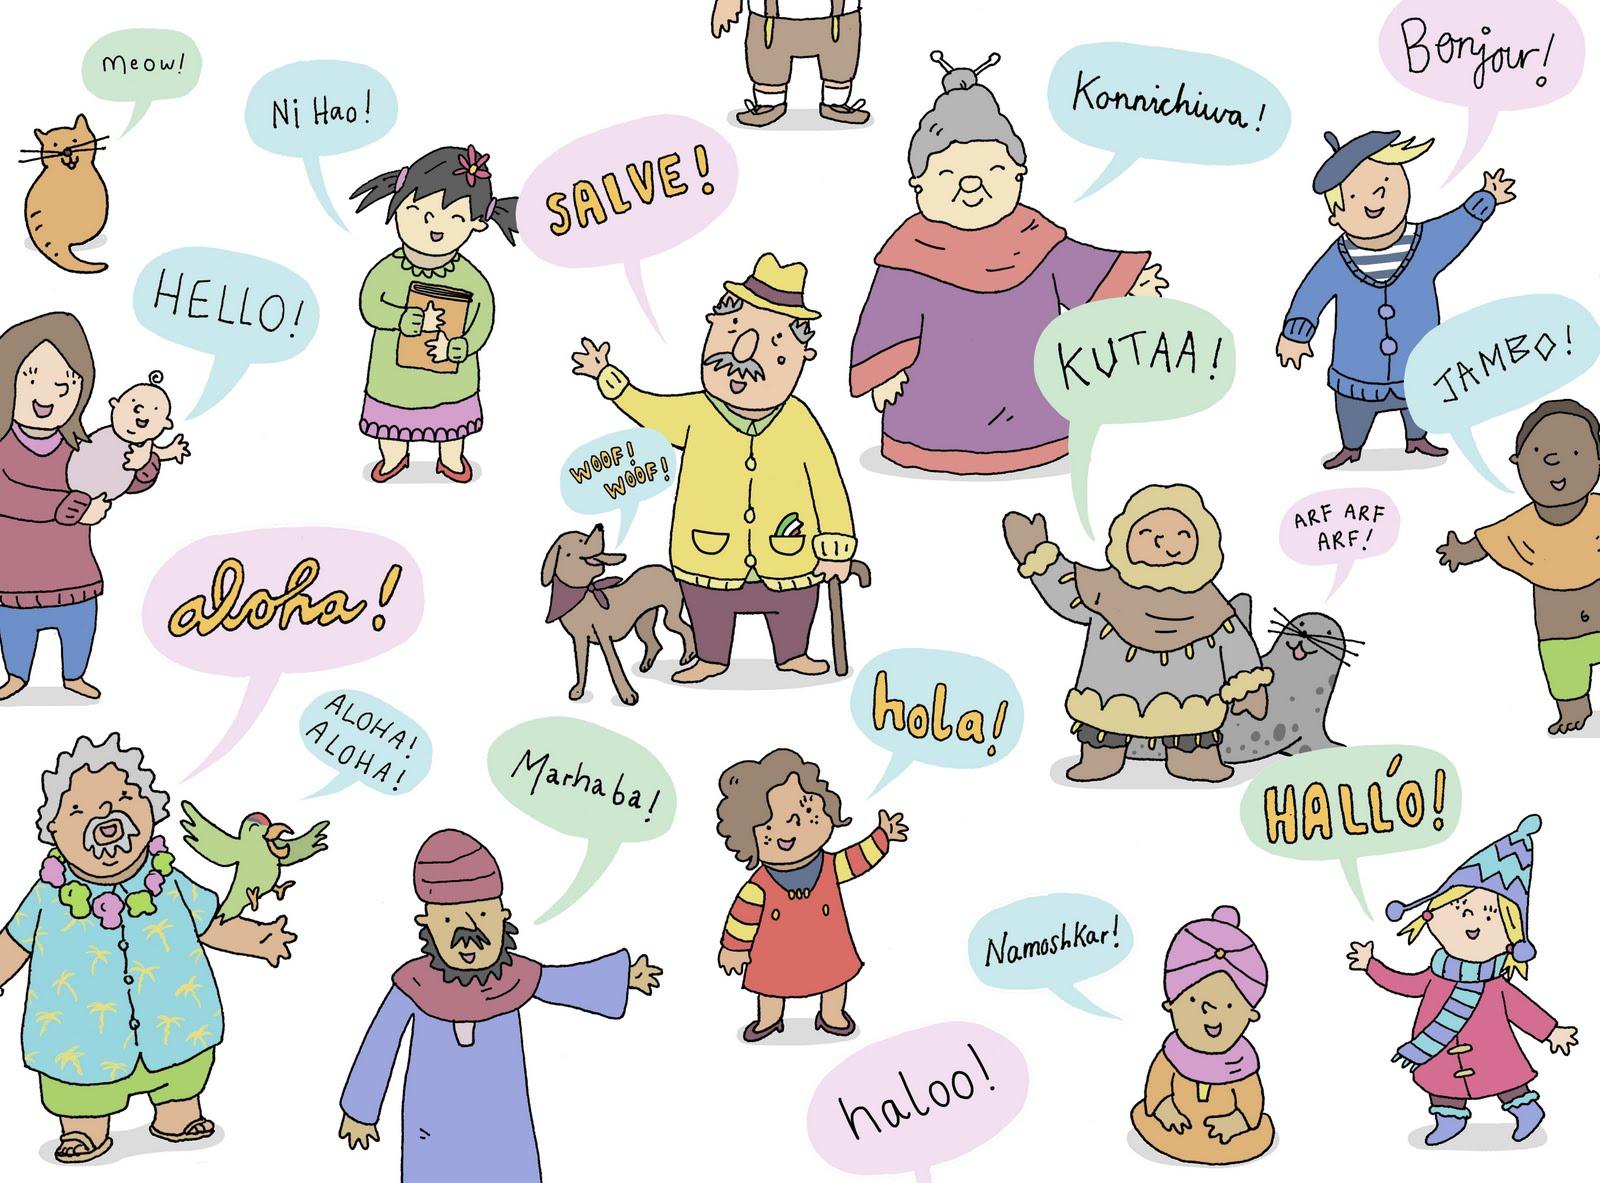 Başka bir dil konuşurken kişiliğiniz değişiyor mu?